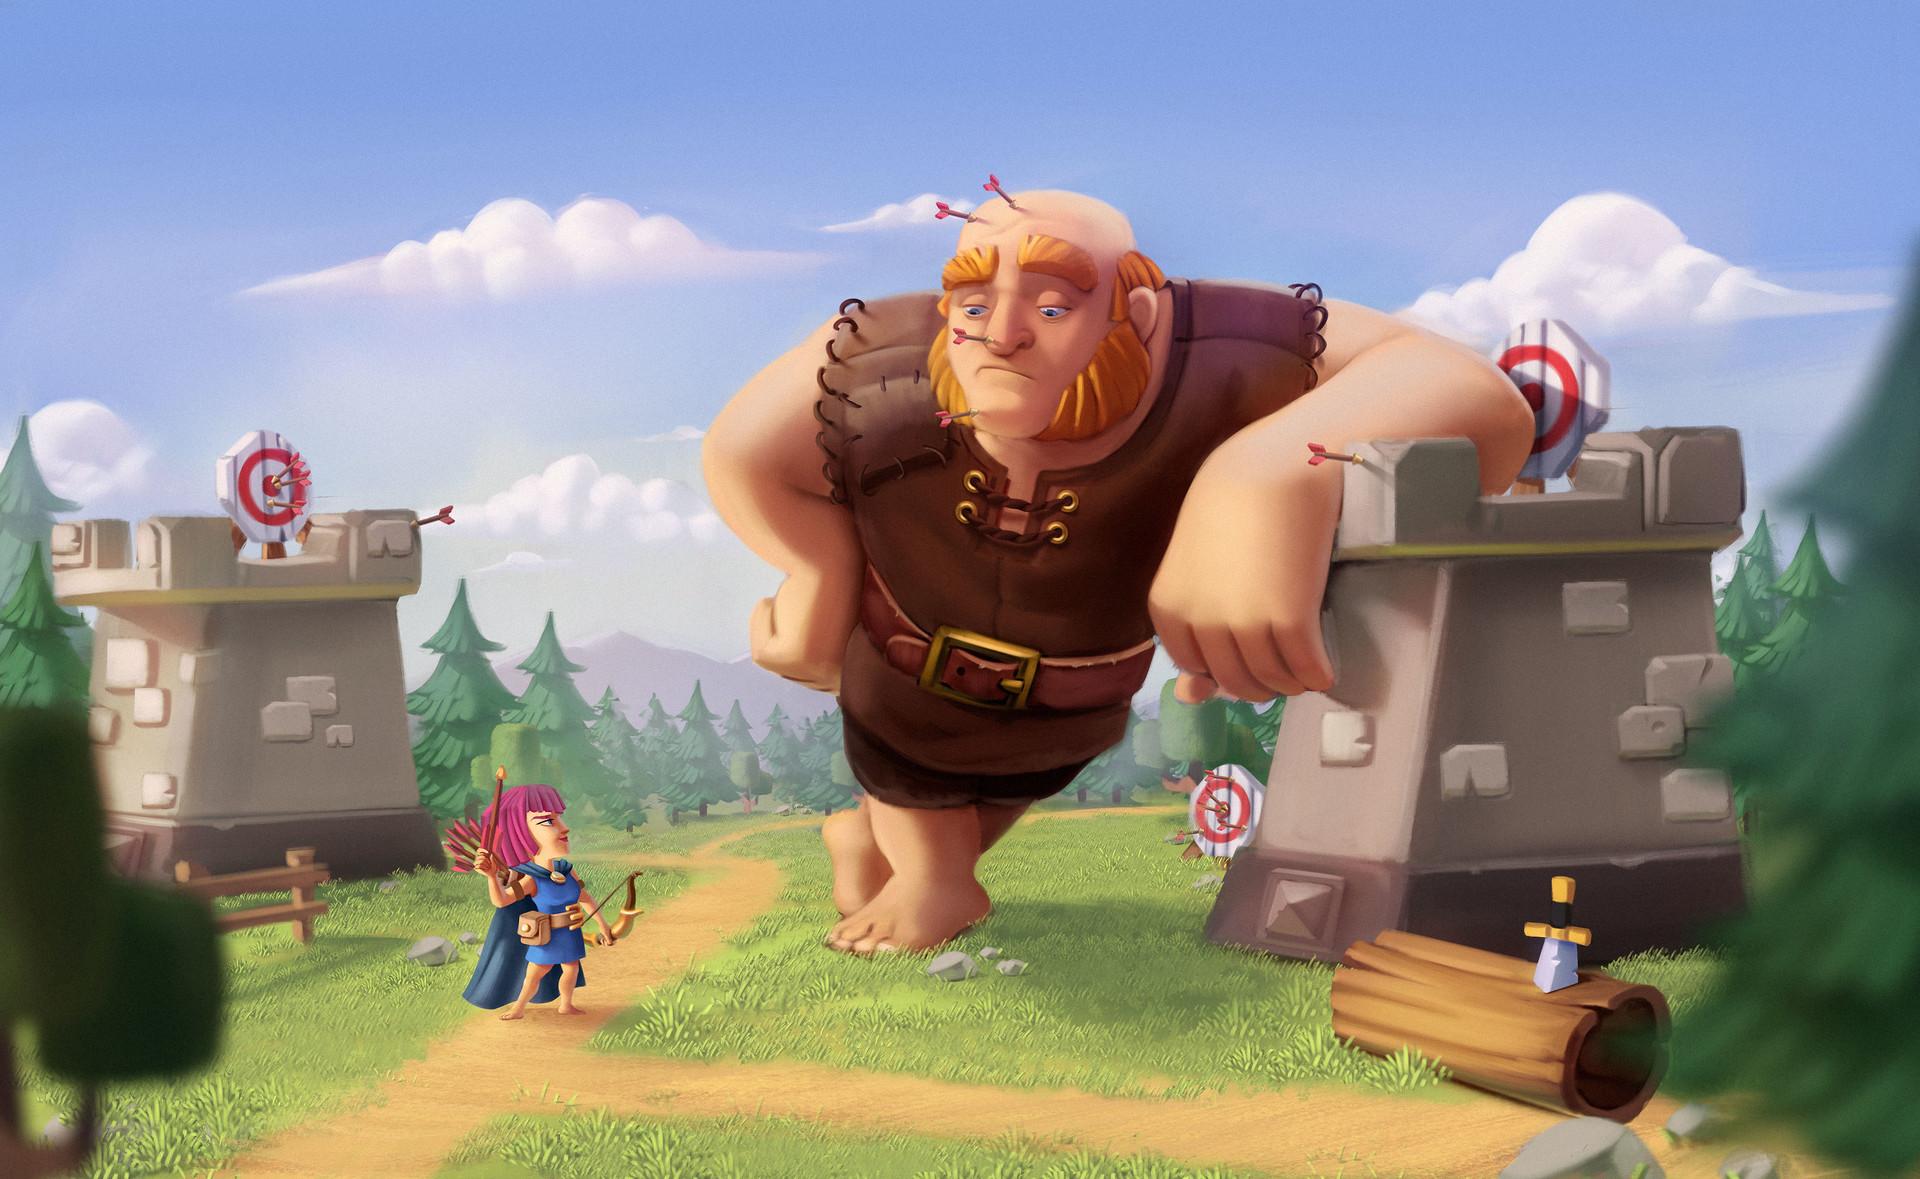 Guilherme freitas giant4